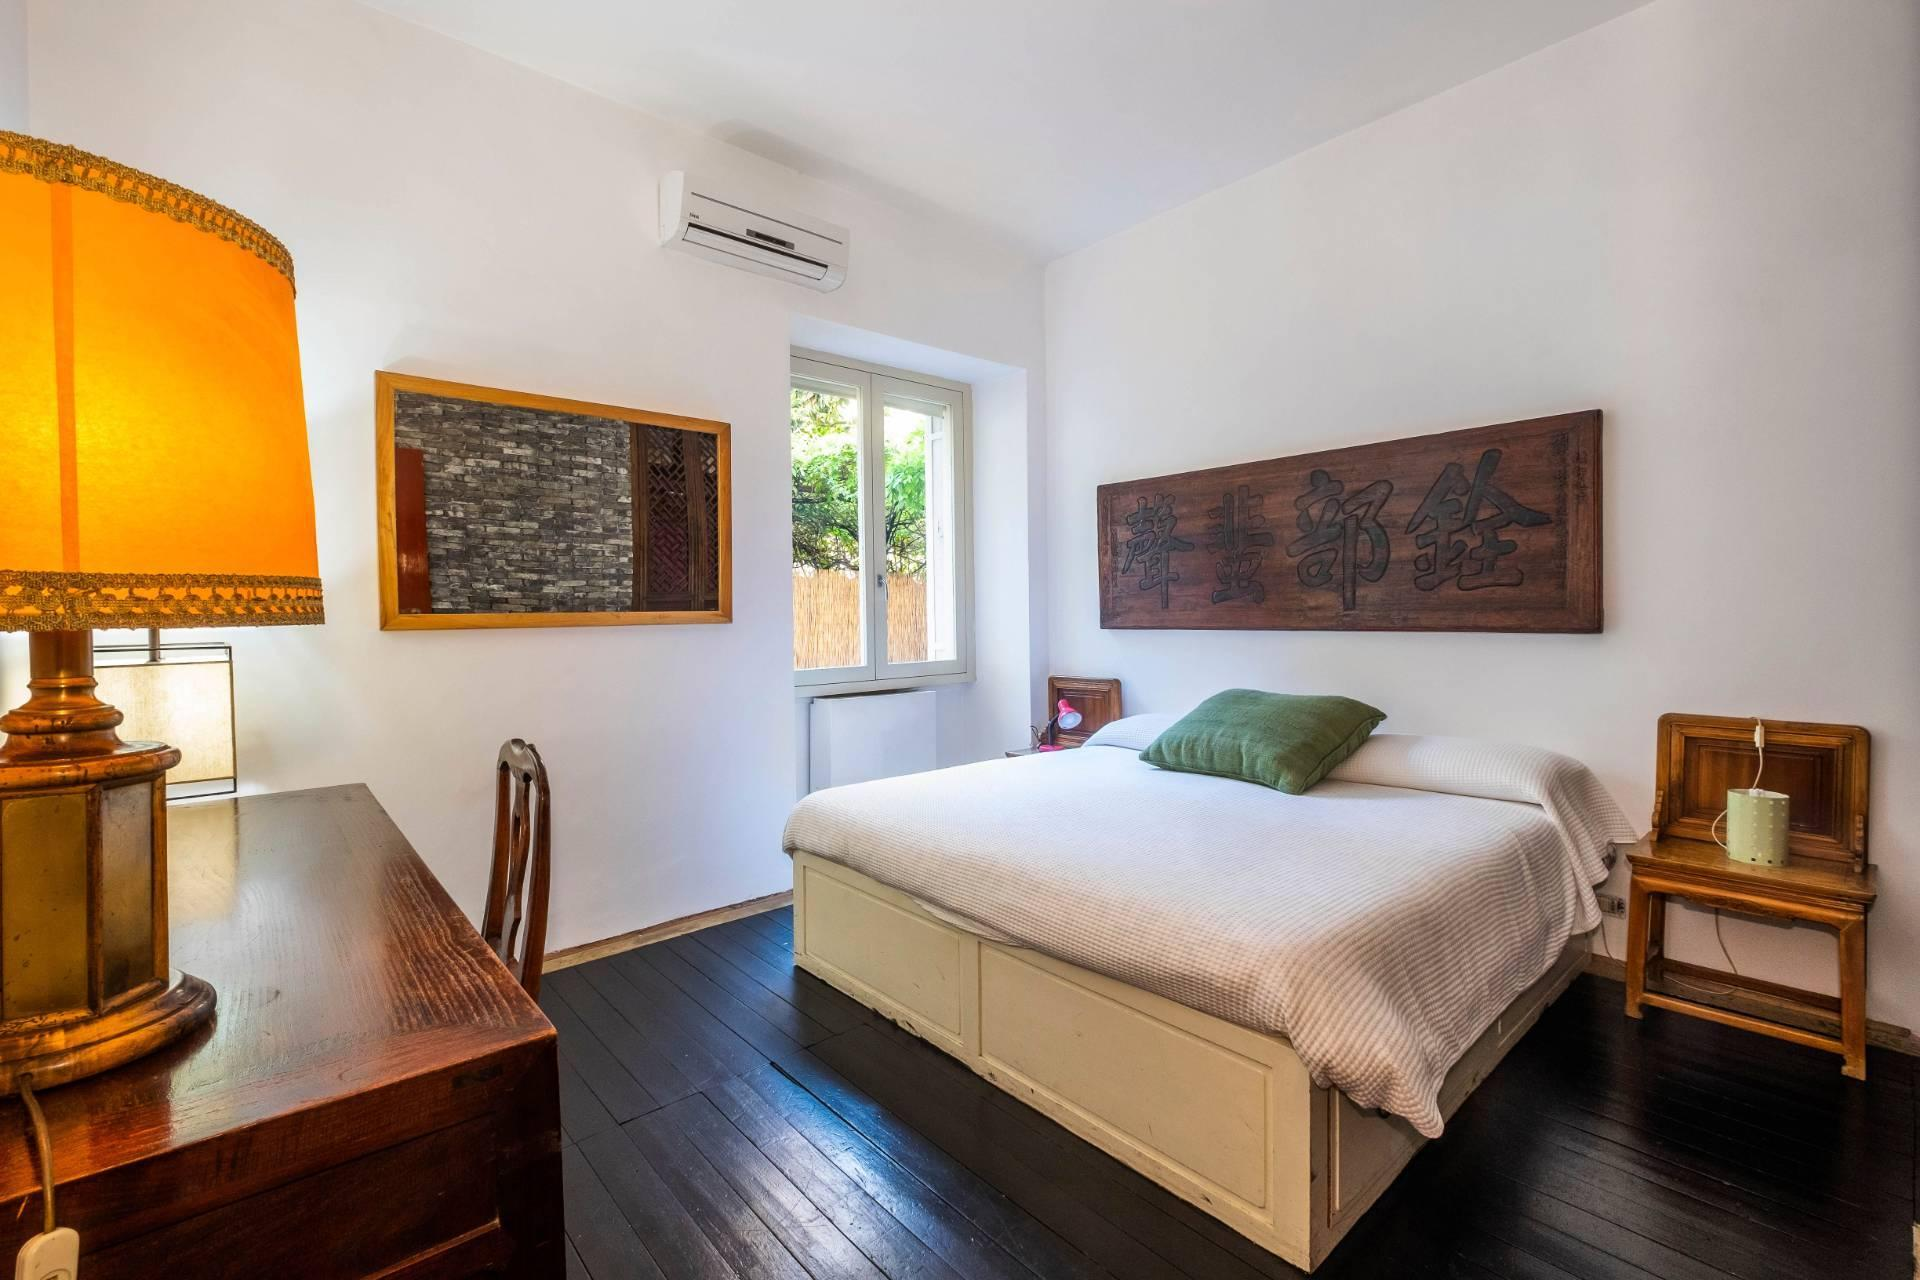 Appartamento all'Aventino con incantevole giardino privato - 11